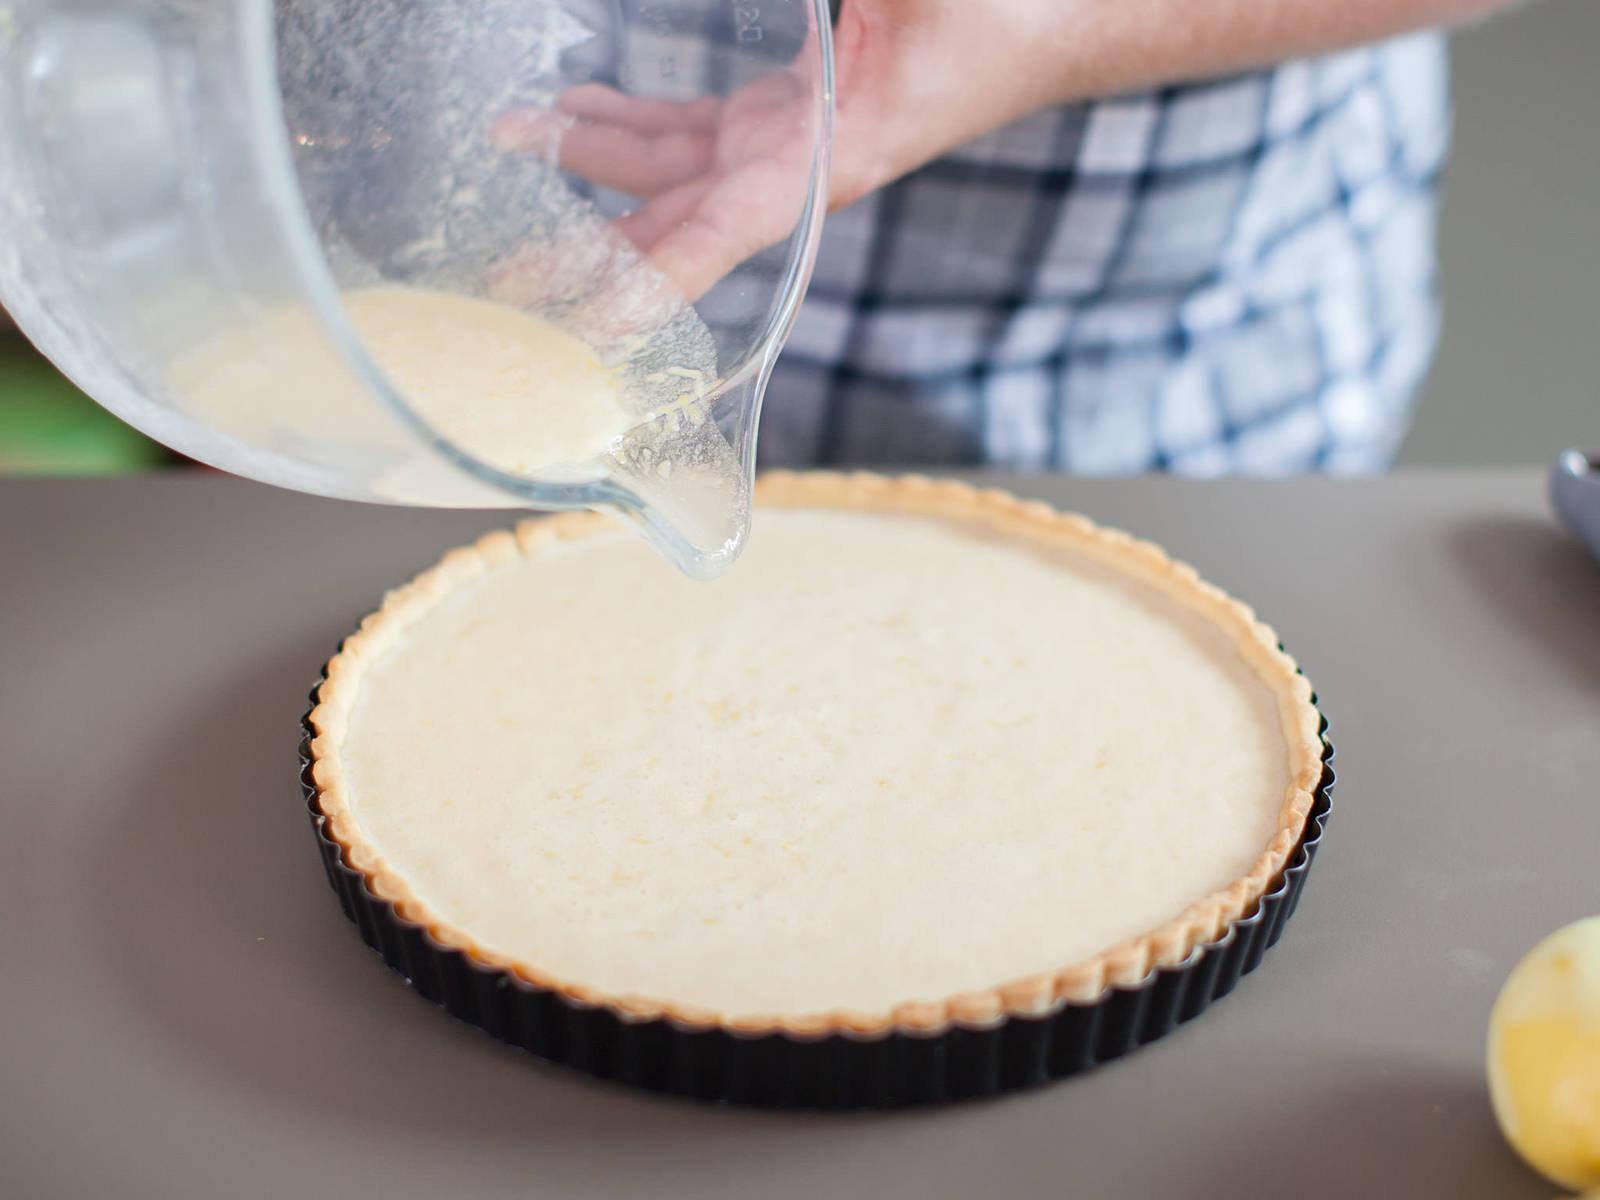 将搅拌好的奶酪混合物注入派盘,放入预热至180摄氏度的烤箱中烘烤30-35分钟,至液体凝固。从烤箱中取出后静置冷却。